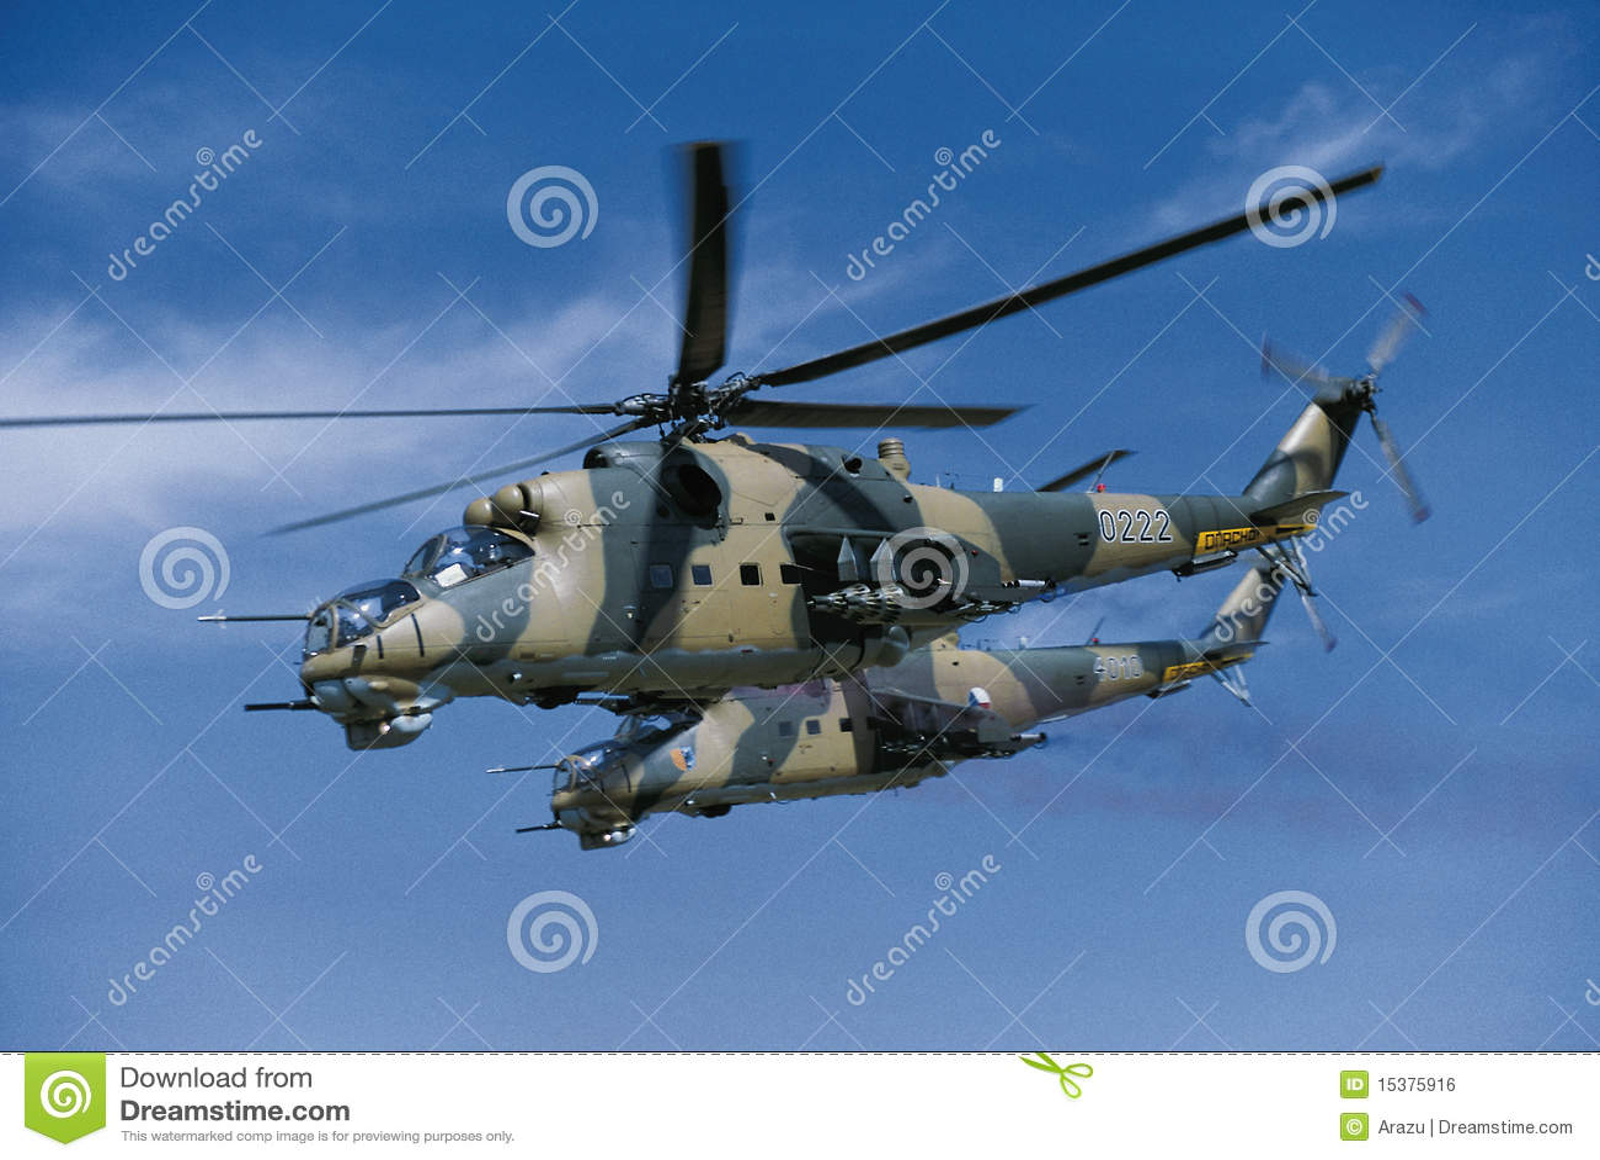 2 Hubschrauber Mil-mi-24